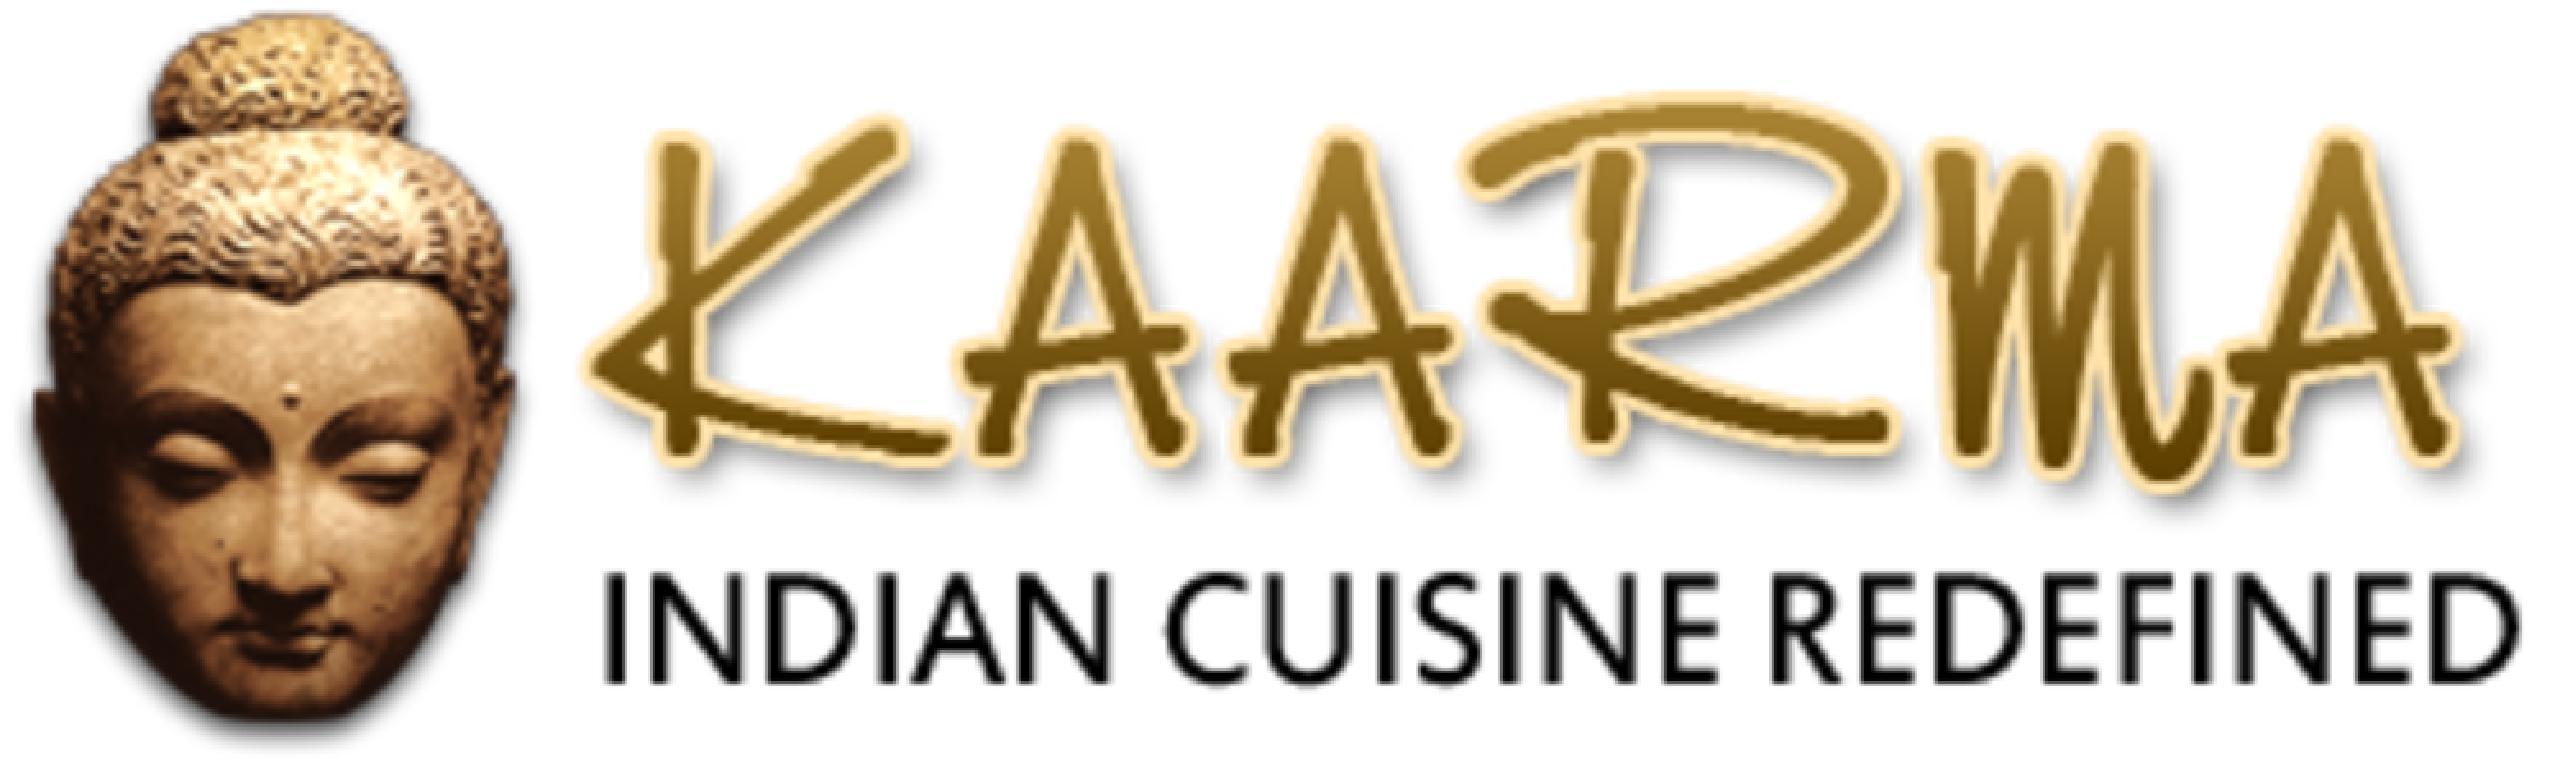 Kaarma Logo